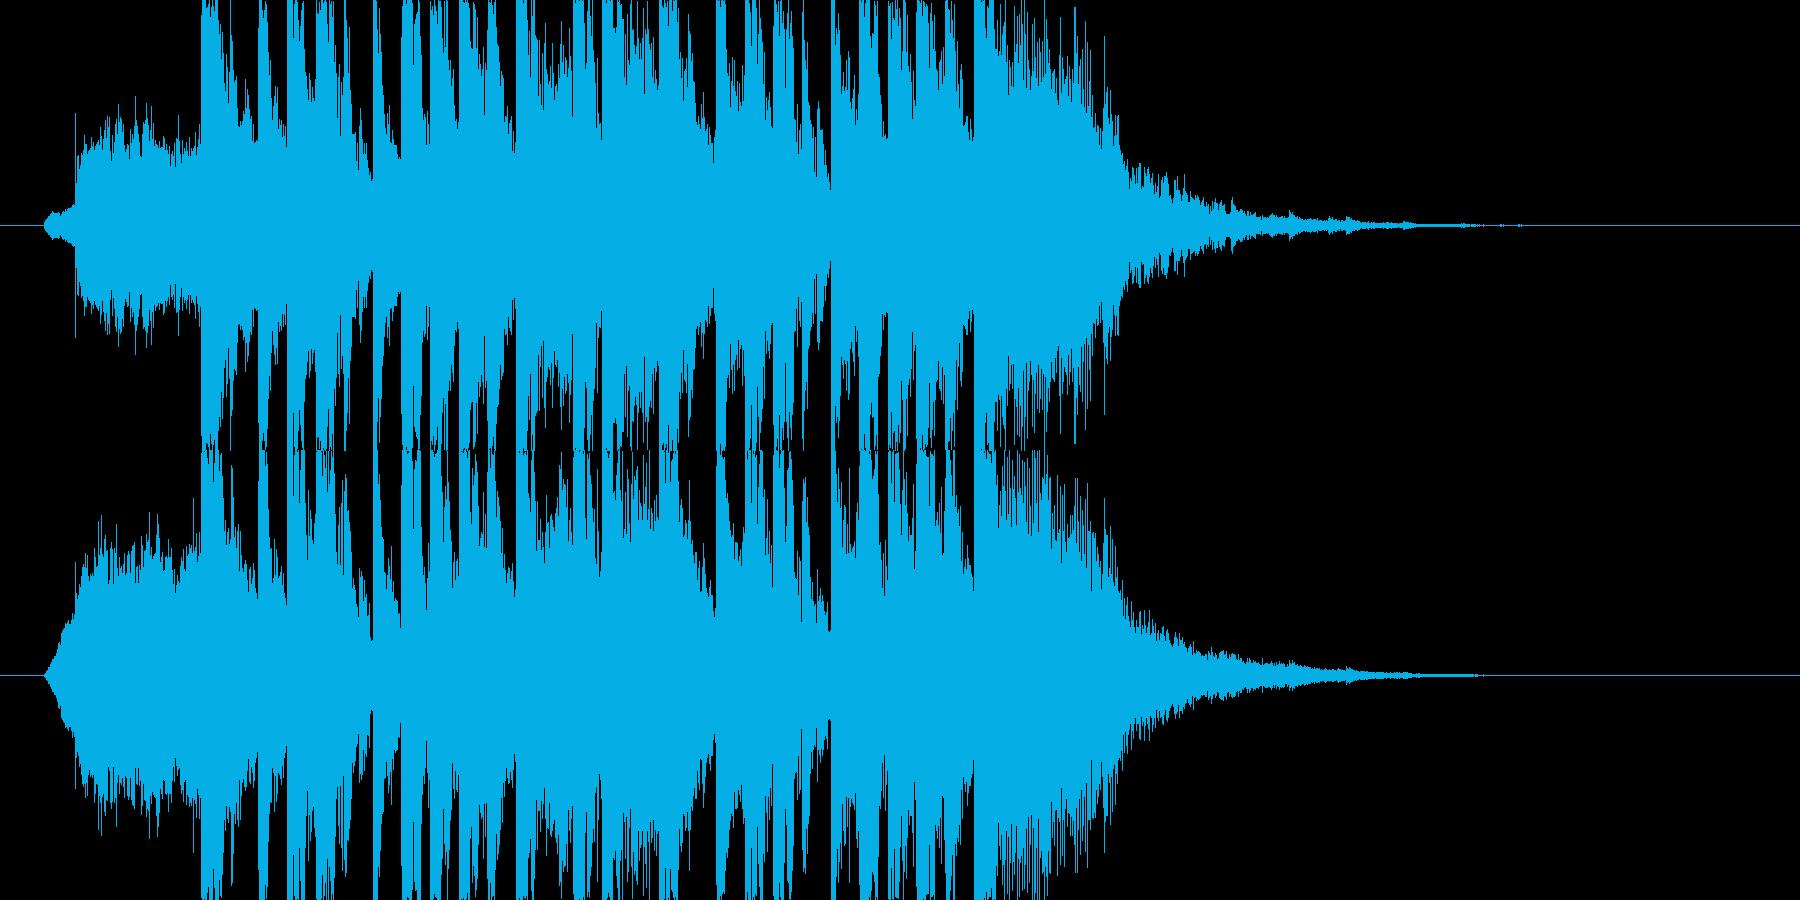 明るくポップなジングル ミディアム J1の再生済みの波形